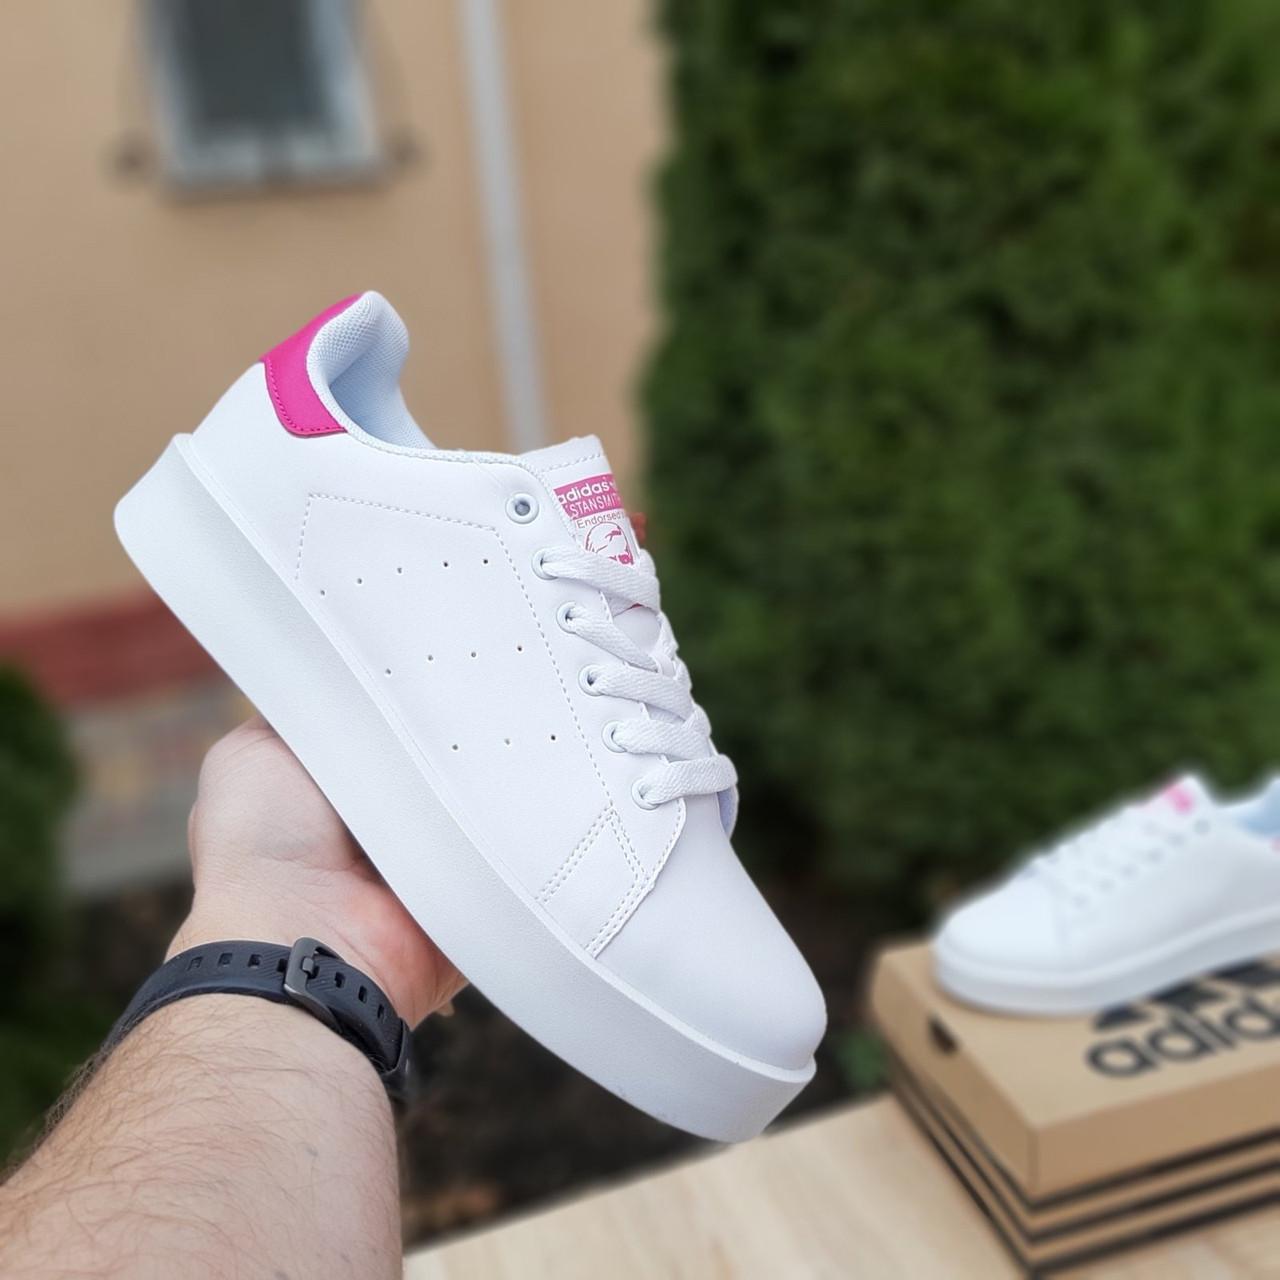 Кроссовки распродажа АКЦИЯ последние размеры Adidas Stan Smith 550 грн 38(24см), 39(25см), 40(25, , люкс копия